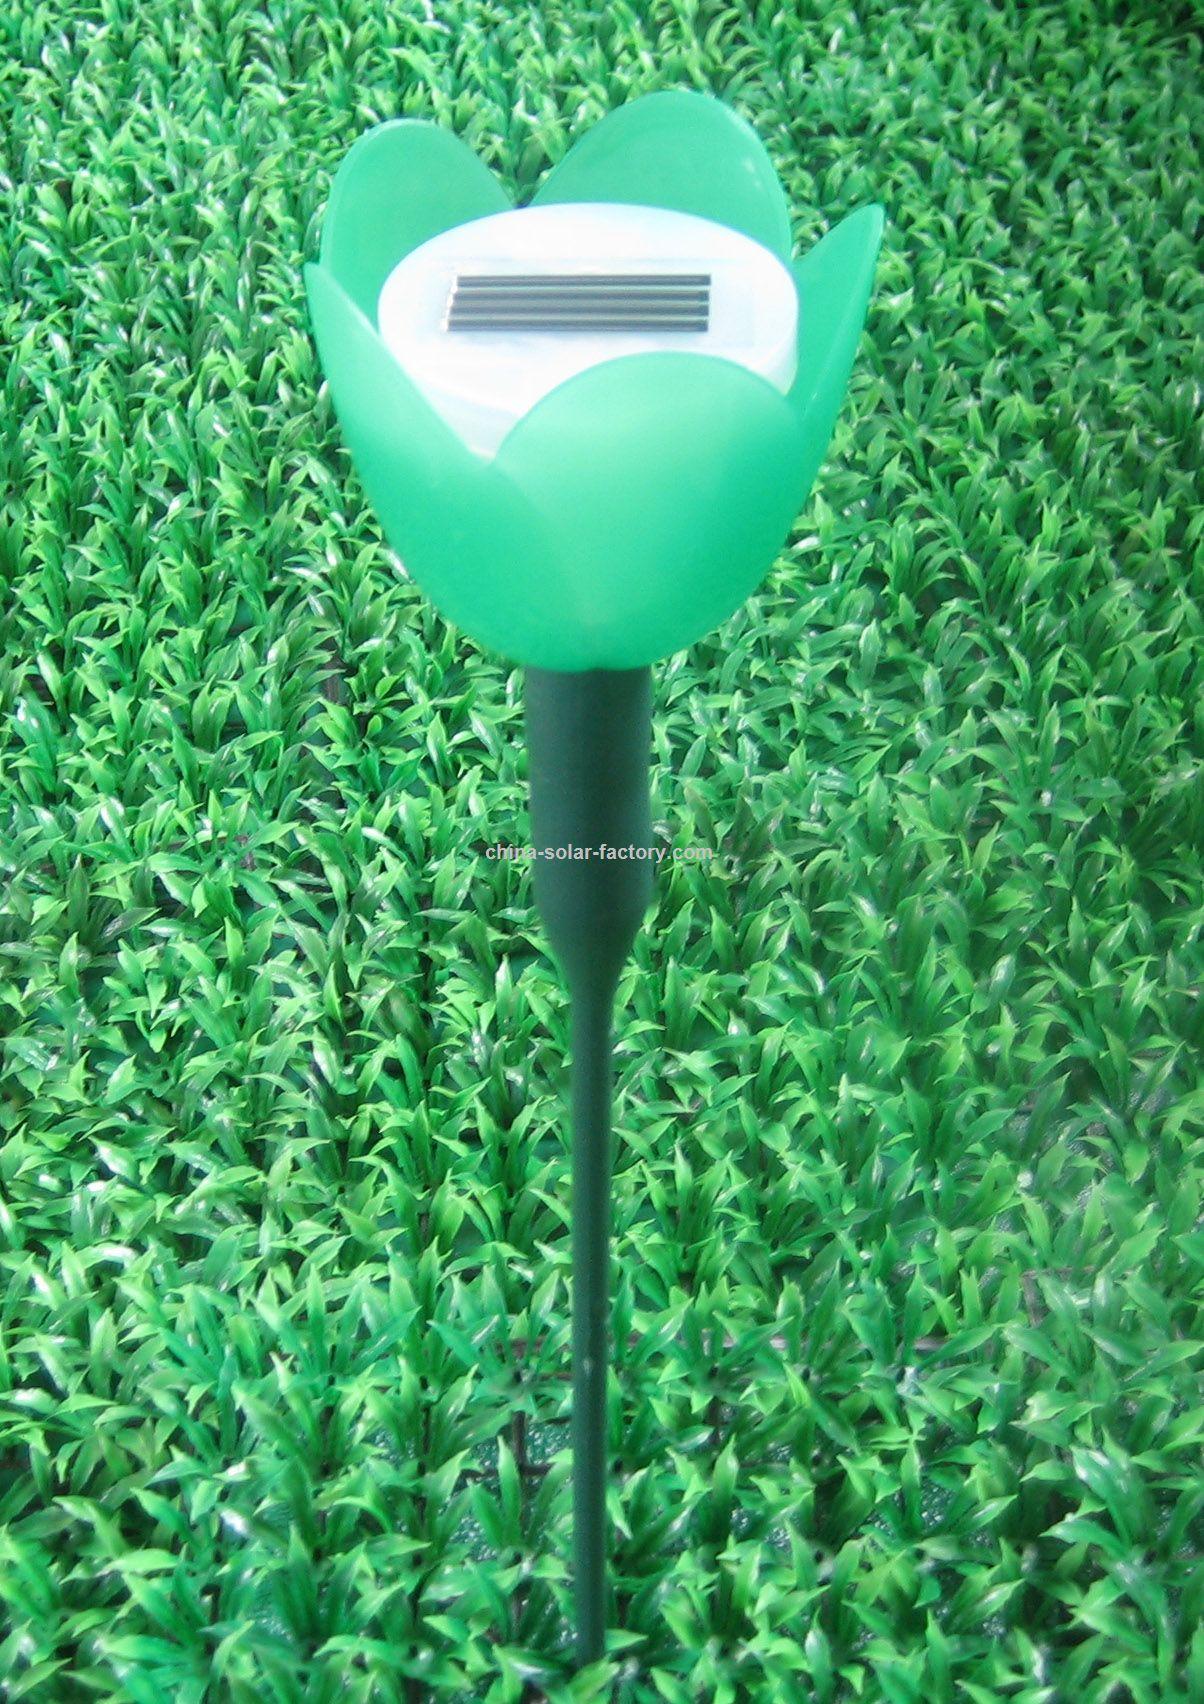 promotionnels lampe solaire en plastique fournisseurs gros de la chine acheter lampe solaire. Black Bedroom Furniture Sets. Home Design Ideas